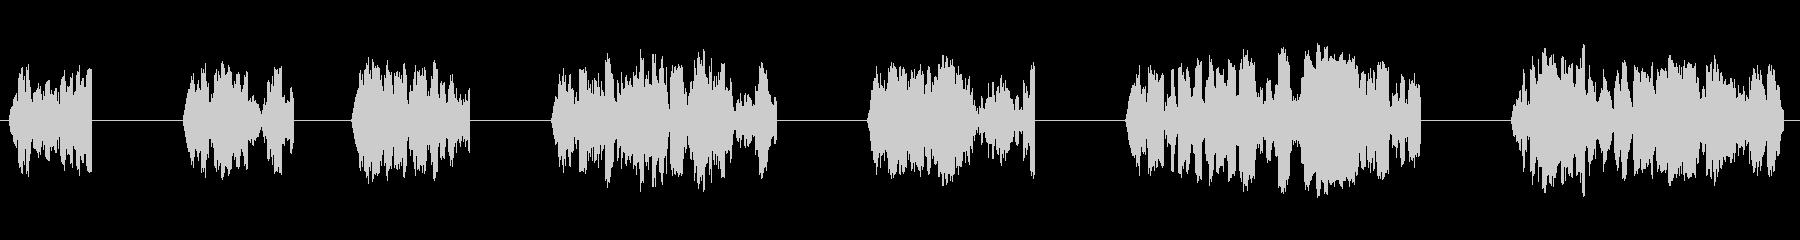 エイリアン、トーキング、スイープ、...の未再生の波形